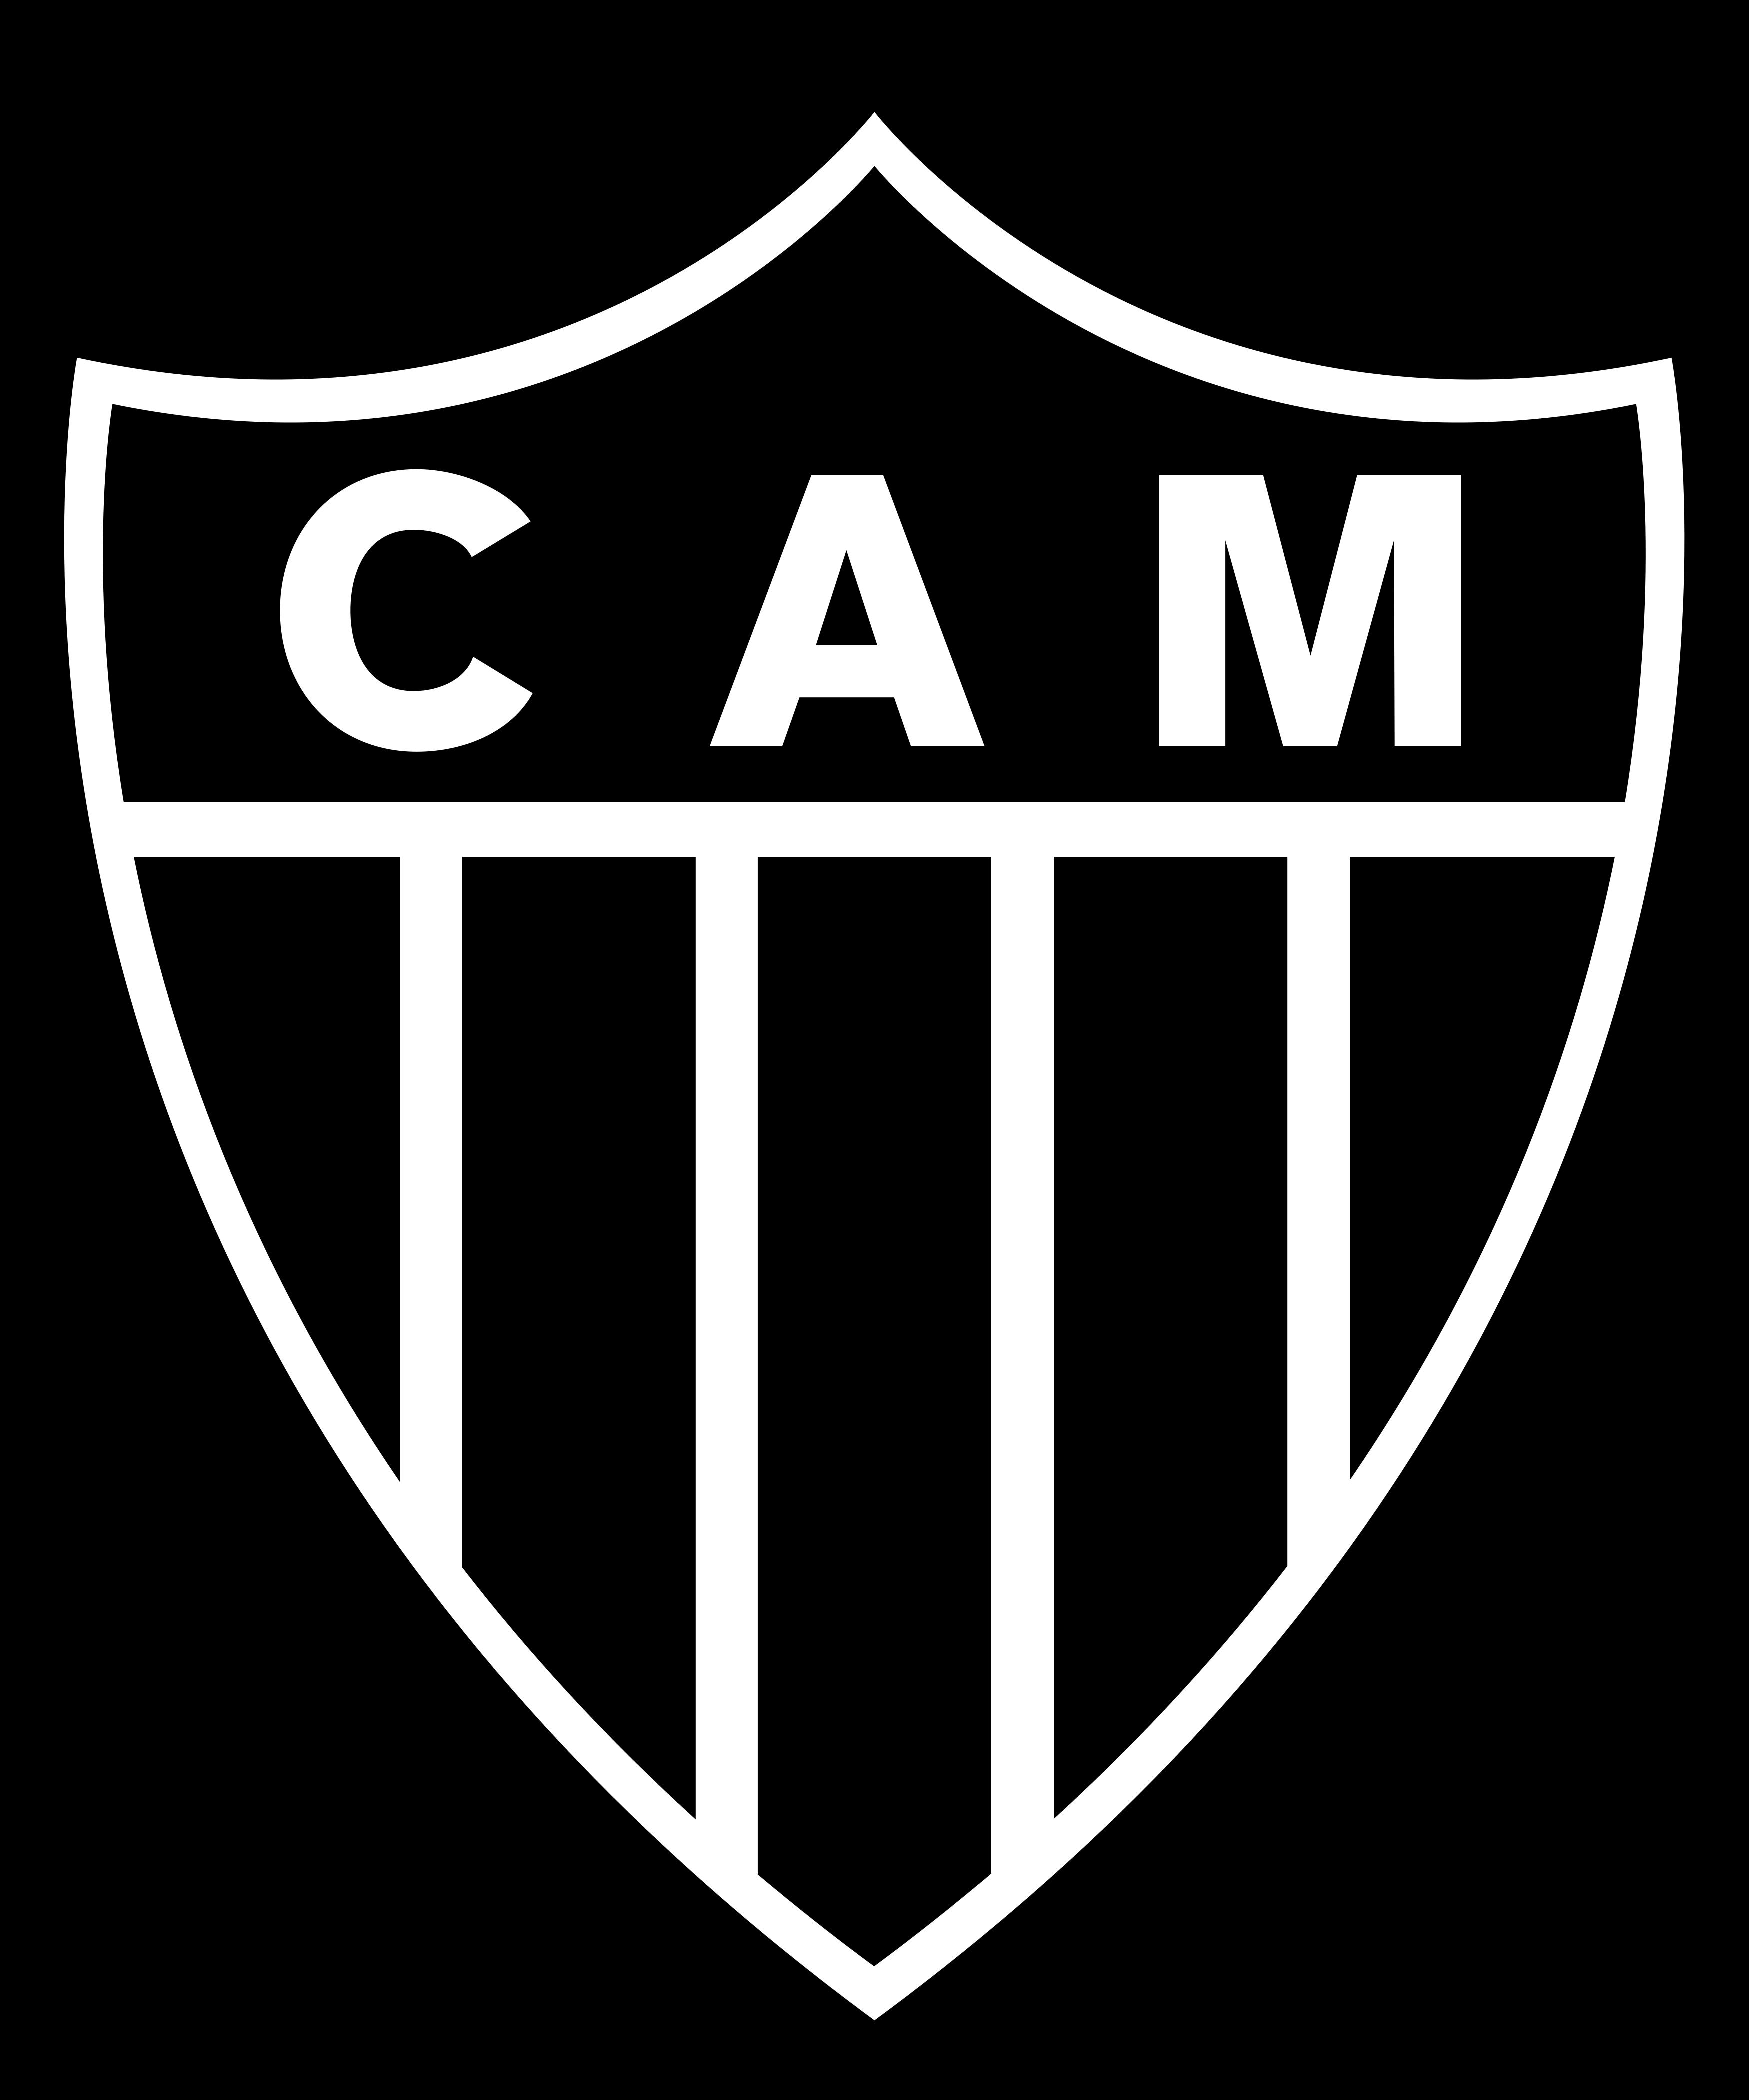 atletico mineiro logo escudo 1 - Atlético Mineiro Logo - Escudo